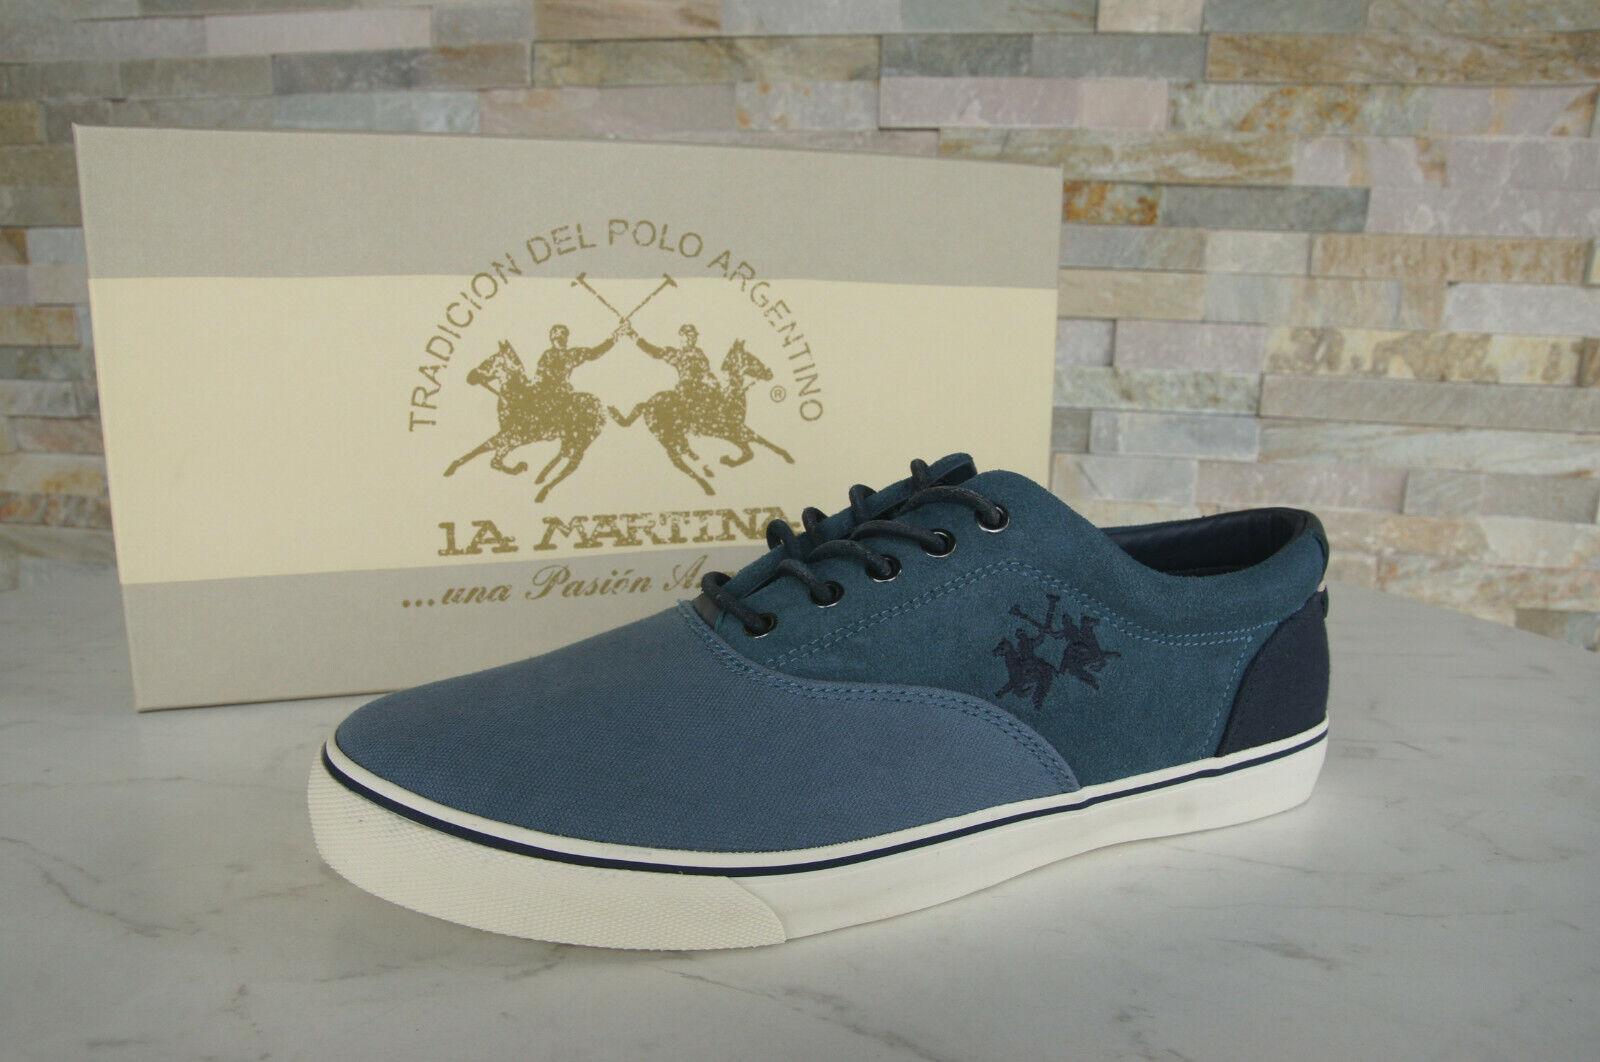 La Martina Dimensione 42 scarpe da  ginnastica Lace -Up scarpe L3090232 Blu Nuovo ex Rrp 149  punto vendita